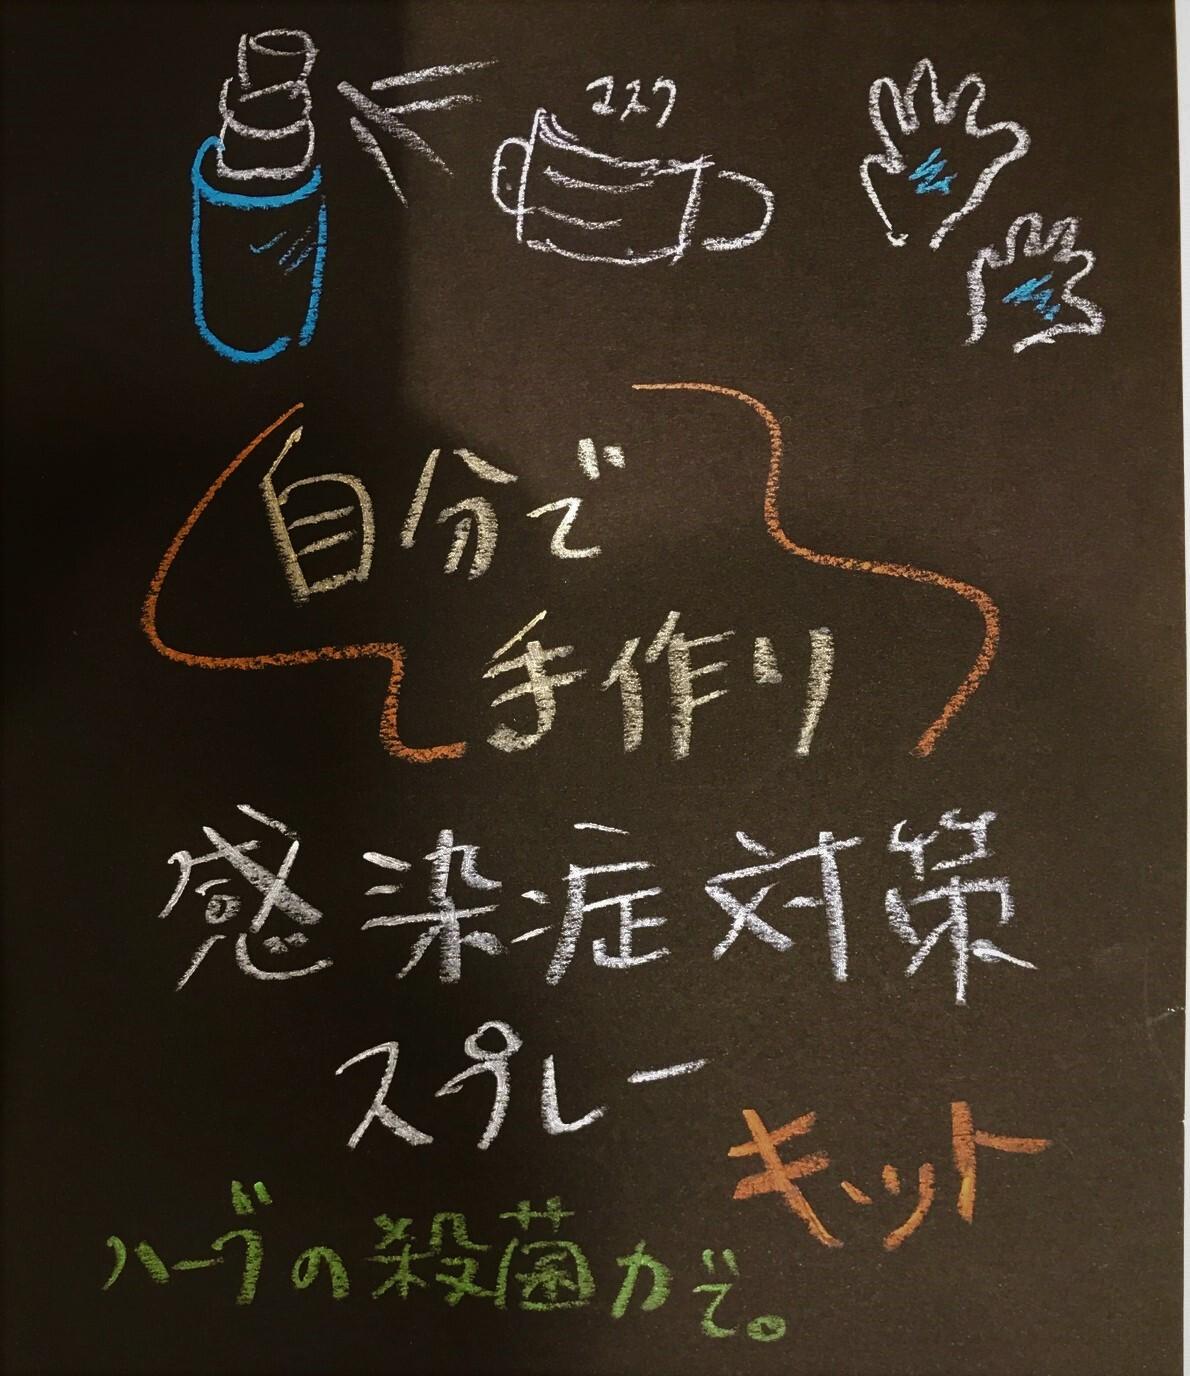 ガーデンオリジナル★感染症対策スプレーキット3種